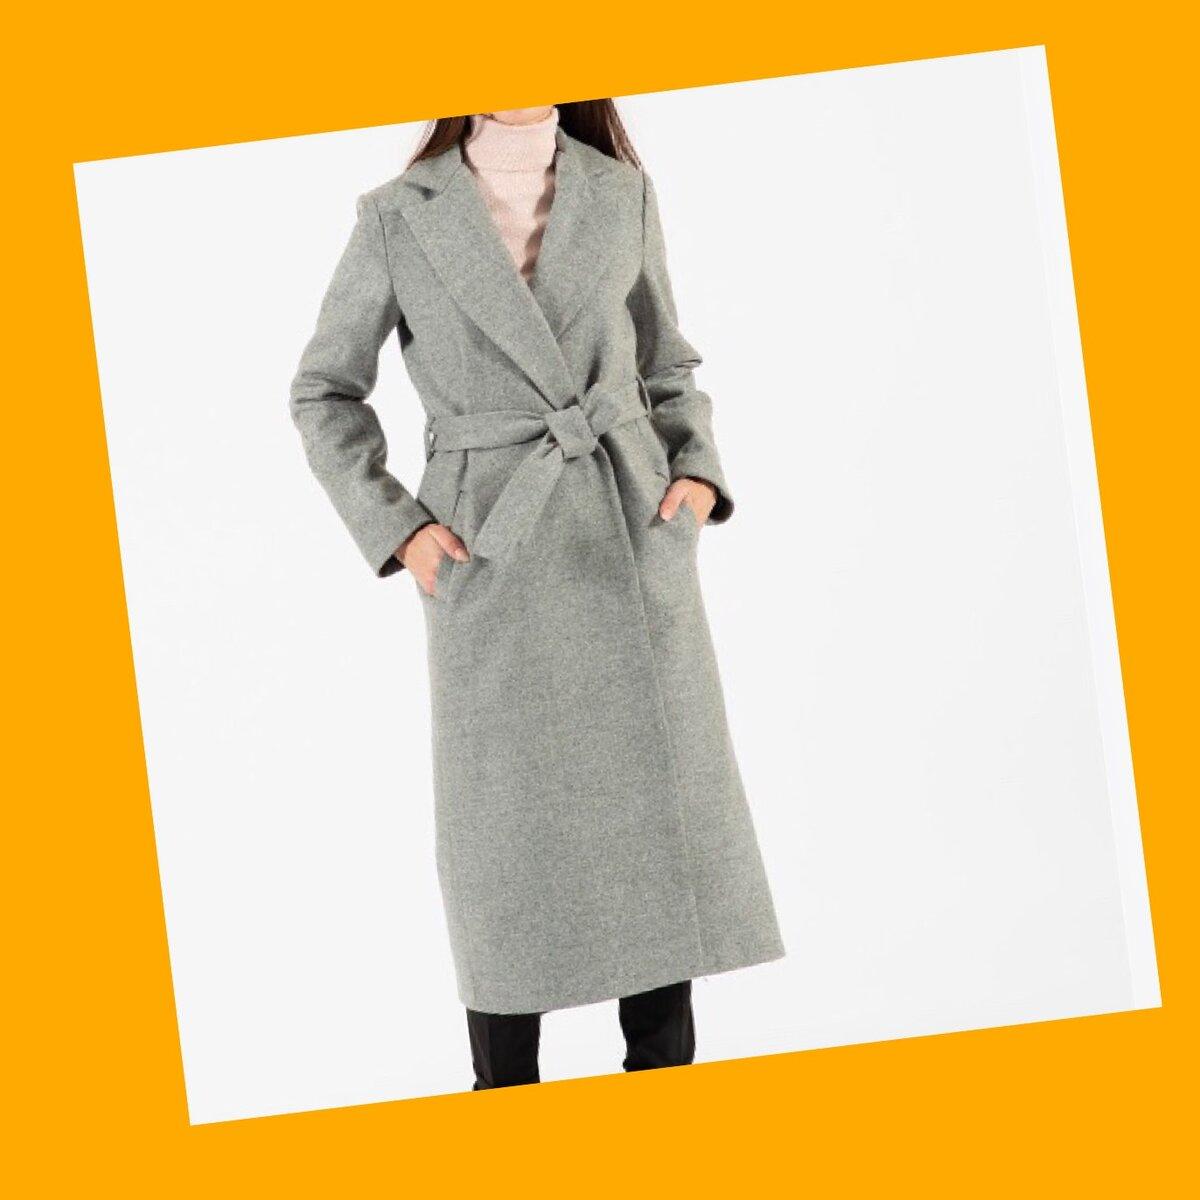 Примерно такое пальто хотела приобрести